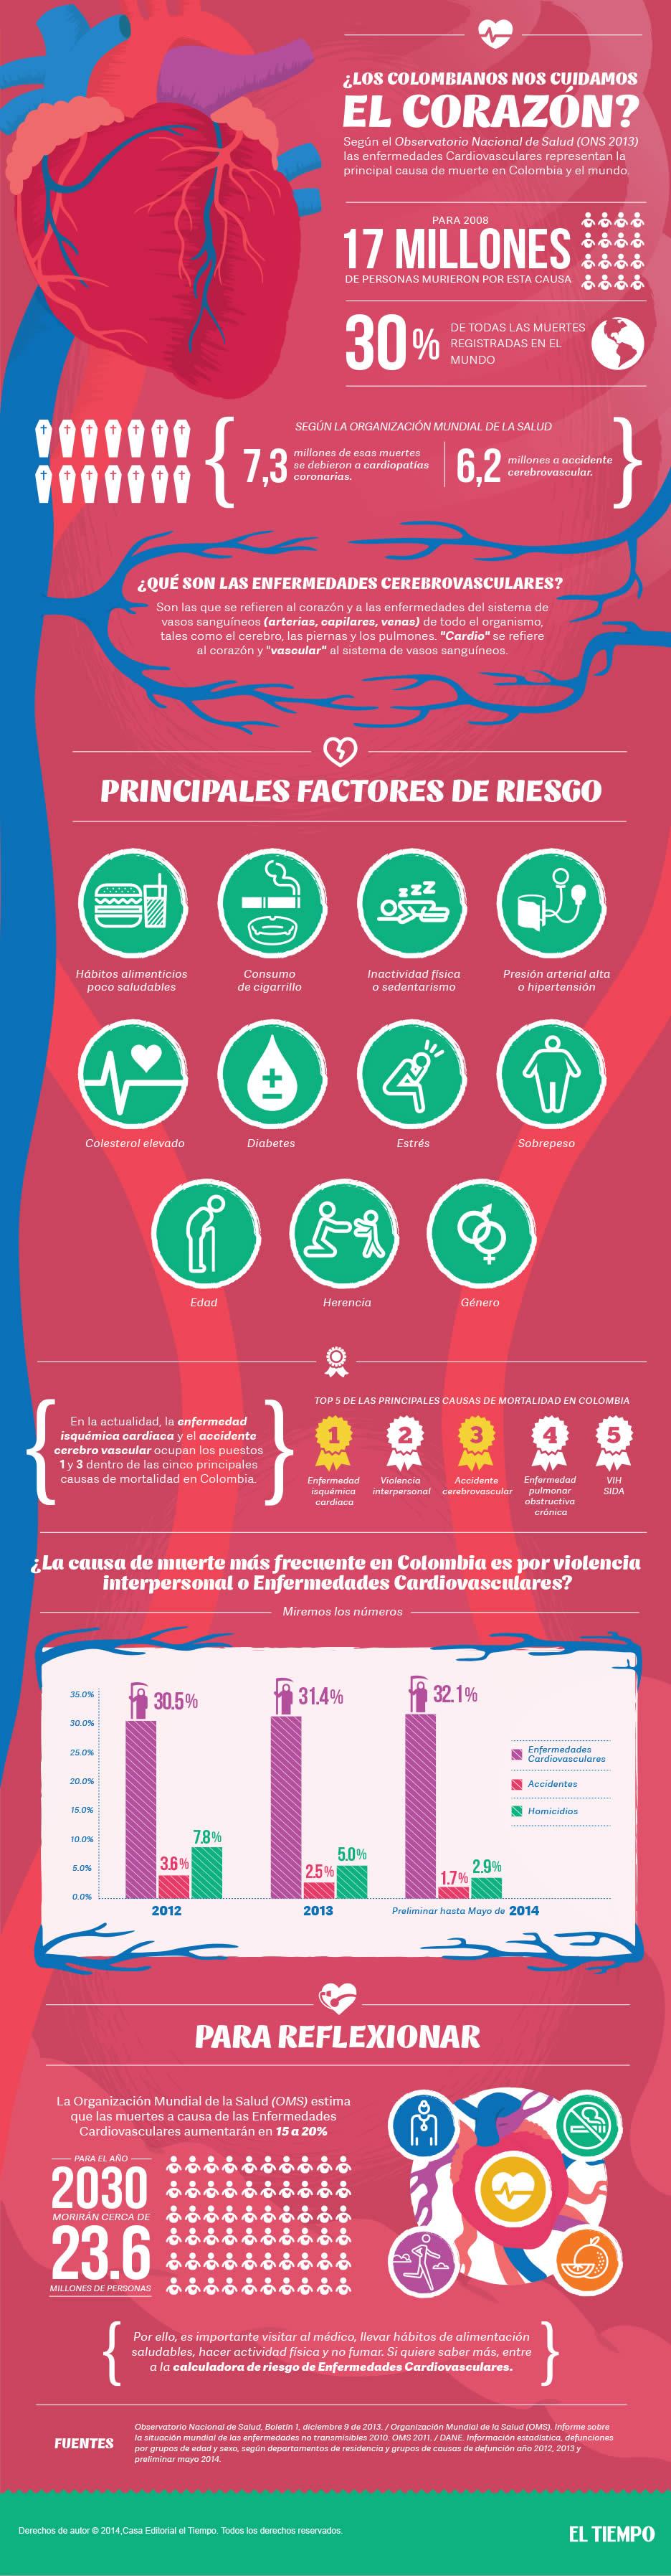 colombianos-colombia-corazon-cardiovascular-muerte-subita-salud-enfermedad